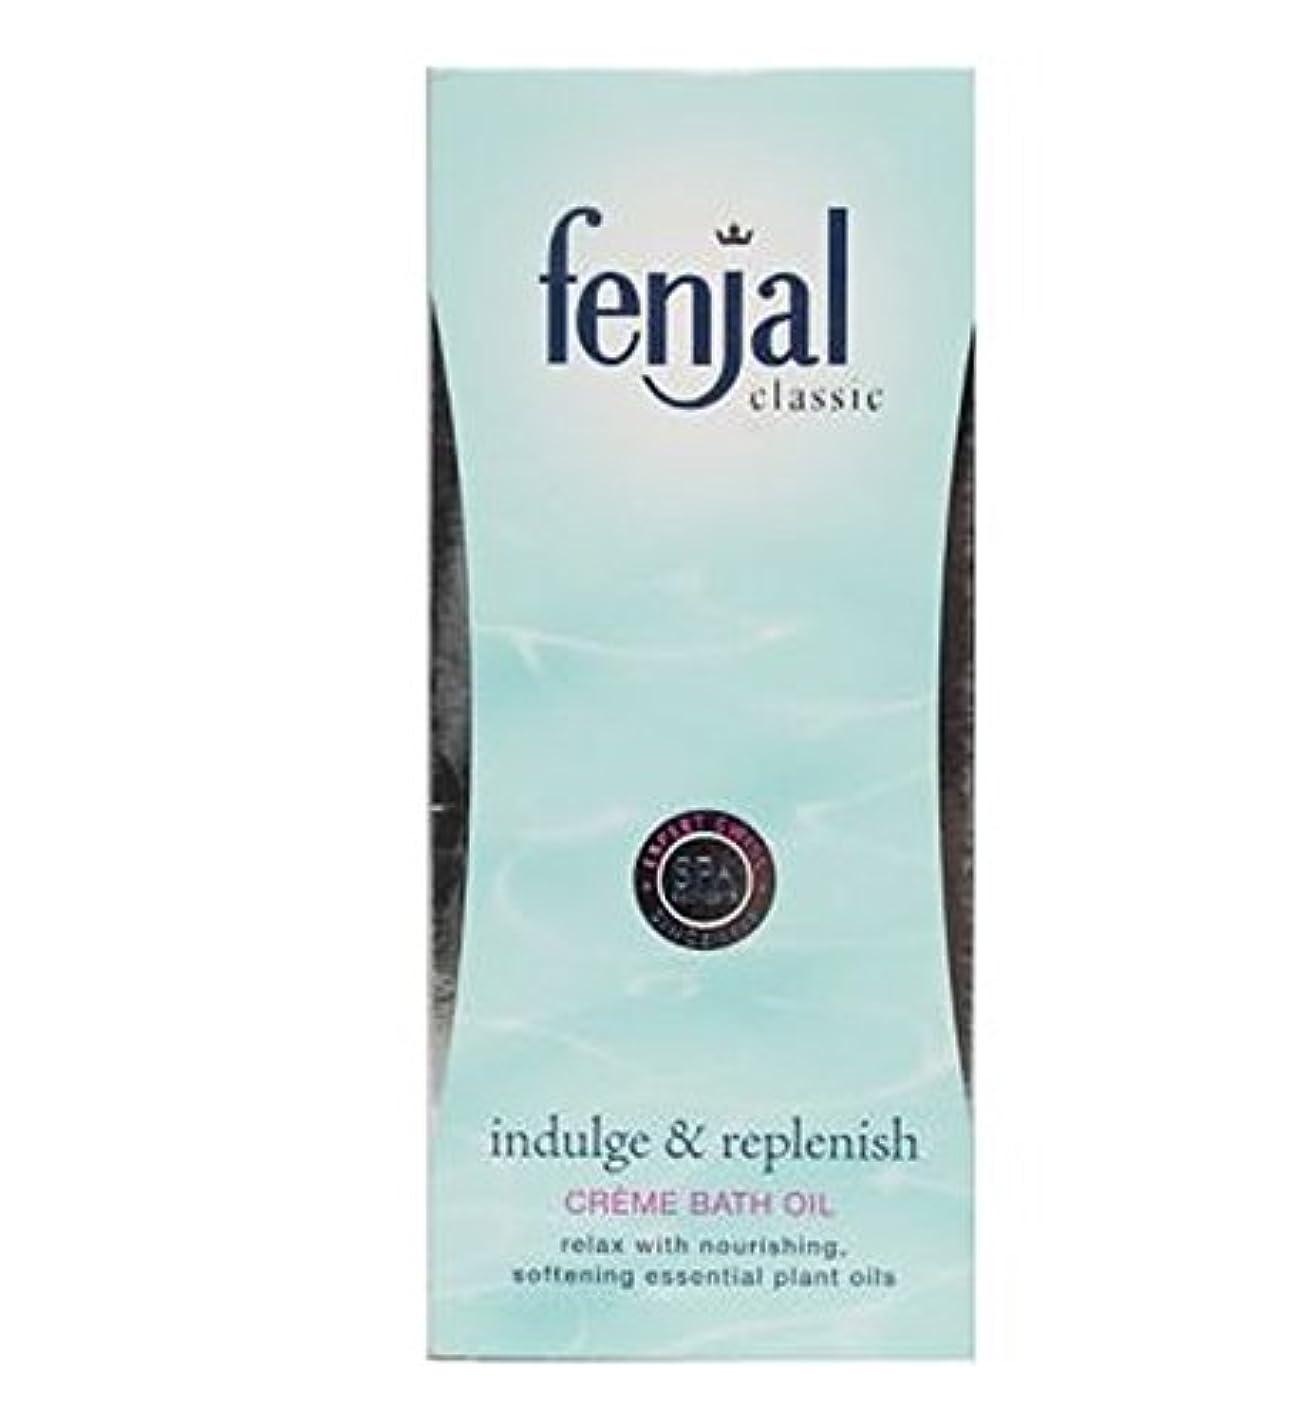 藤色変更ウミウシFenjal古典的な高級クリームバスオイル125ミリリットル (Fenjal) (x2) - Fenjal Classic Luxury Creme Bath Oil 125 ml (Pack of 2) [並行輸入品]